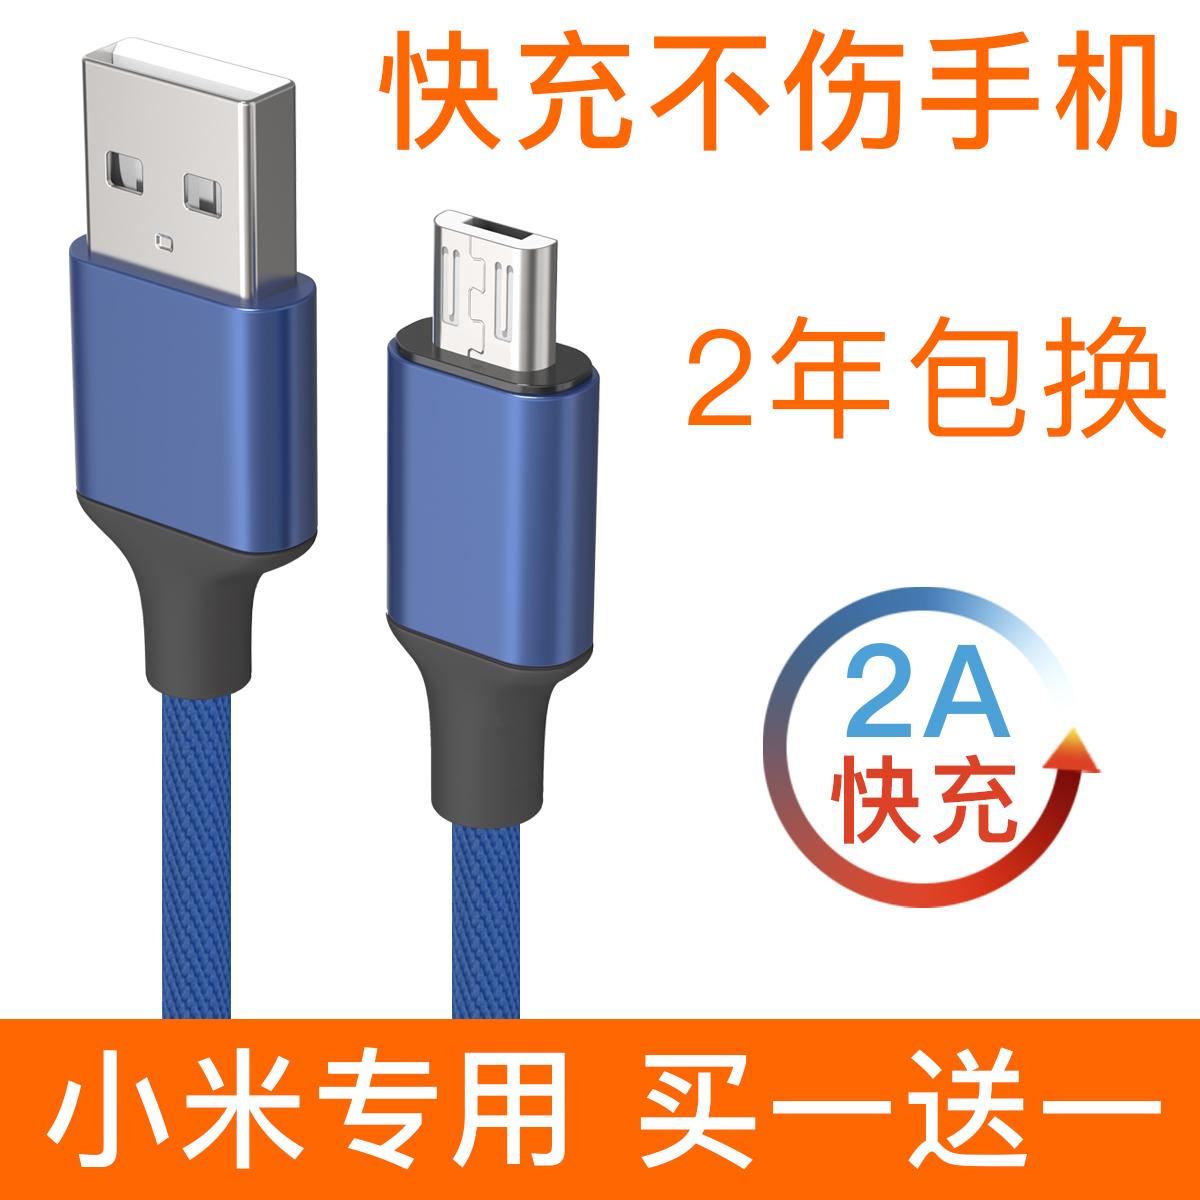 正品maxnote432数据线红米note4x5plus3s5a4a1s安卓充电通用线速冲快充原装闪充KUMK官方小米手机